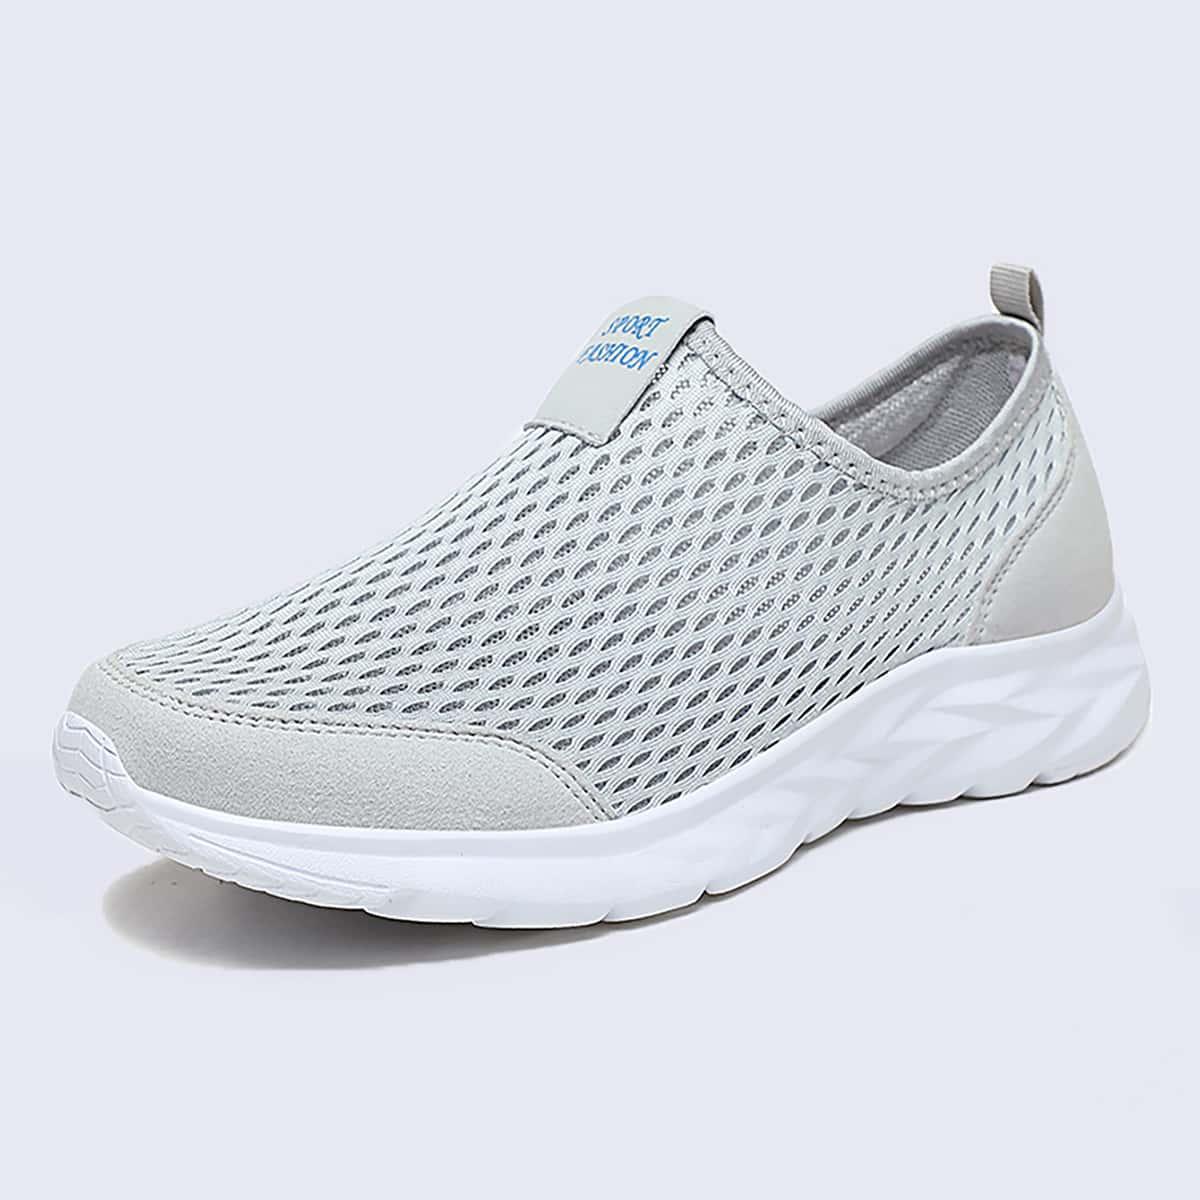 SHEIN Instapsneakers met mesh-inzetstuk voor heren